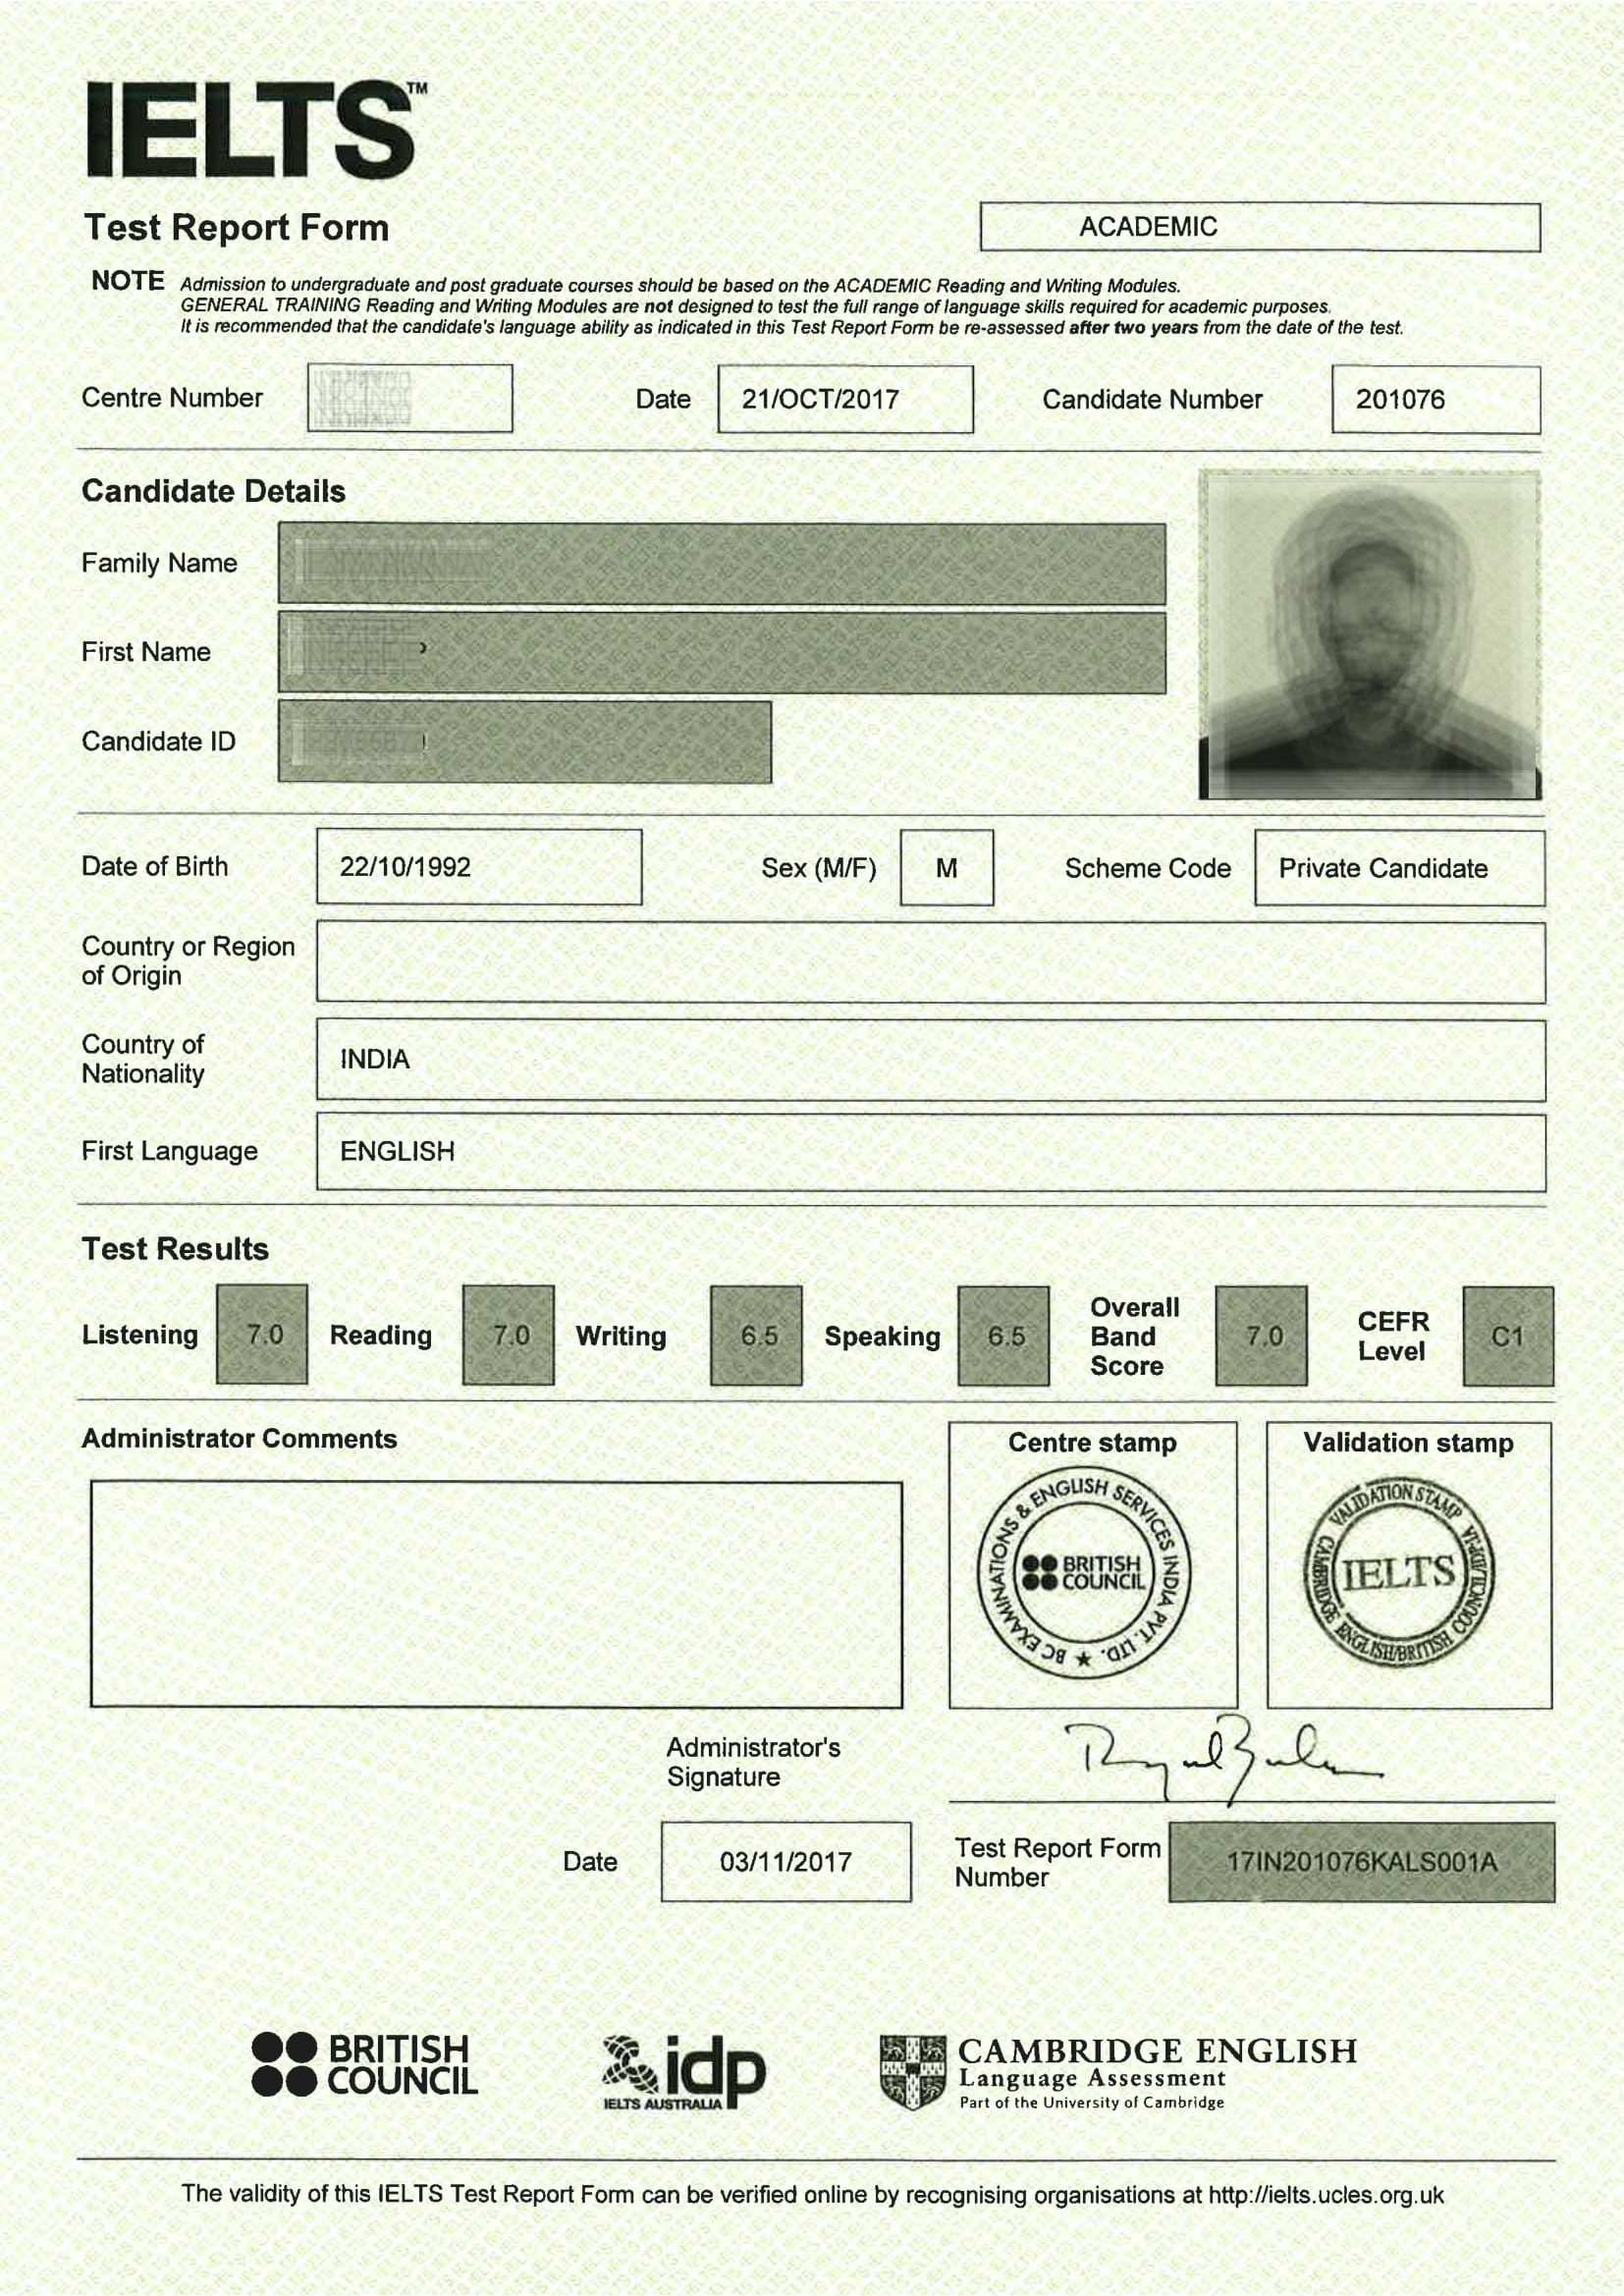 نگاهی دقیق به کارنامه آیلتس + بررسی یک کارنامه آیلتس واقعی